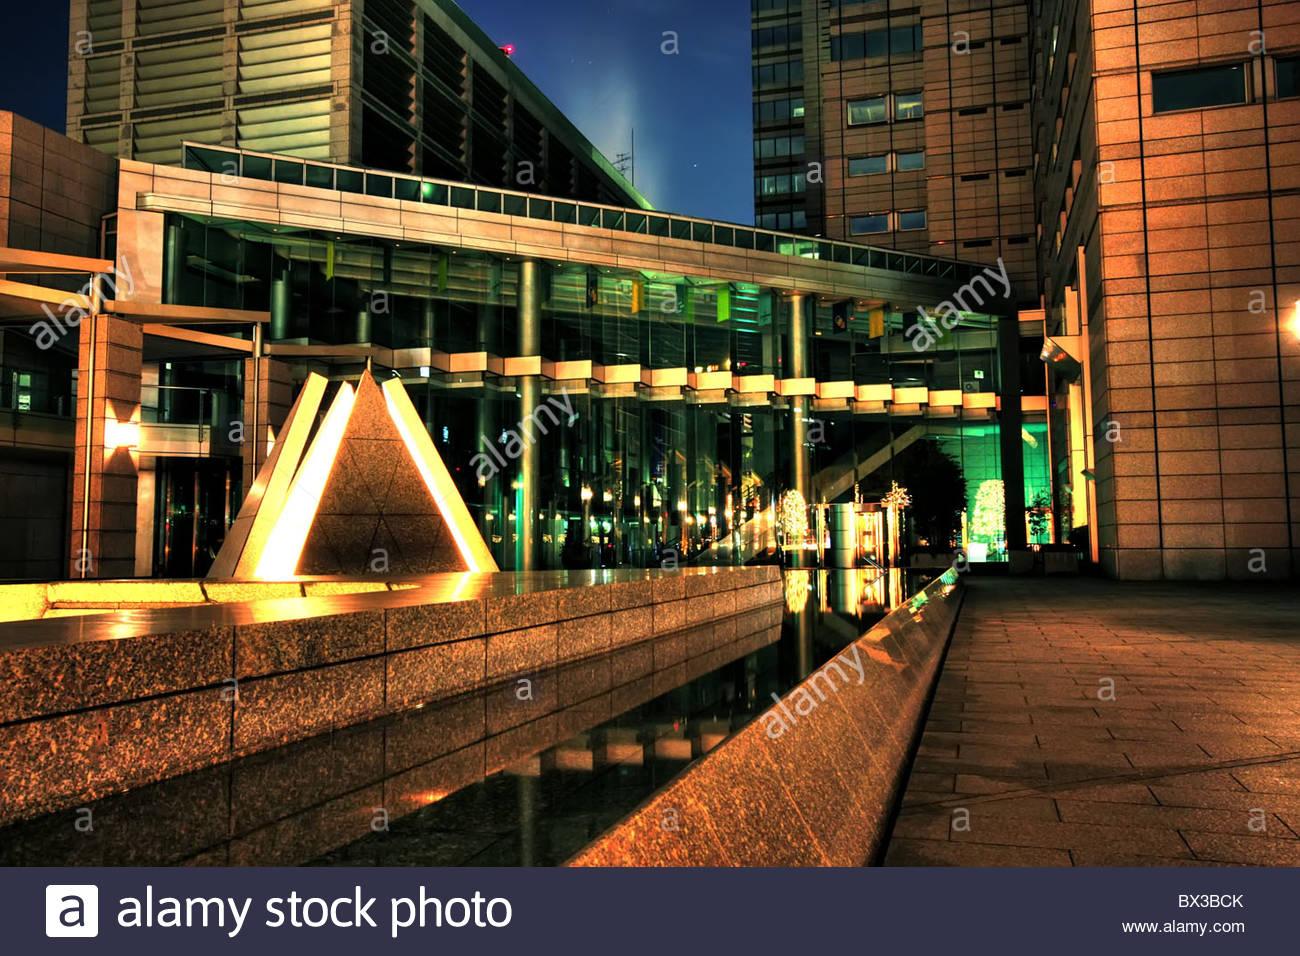 Park Hyatt Tokyo Stock Photos & Park Hyatt Tokyo Stock Images - Alamy